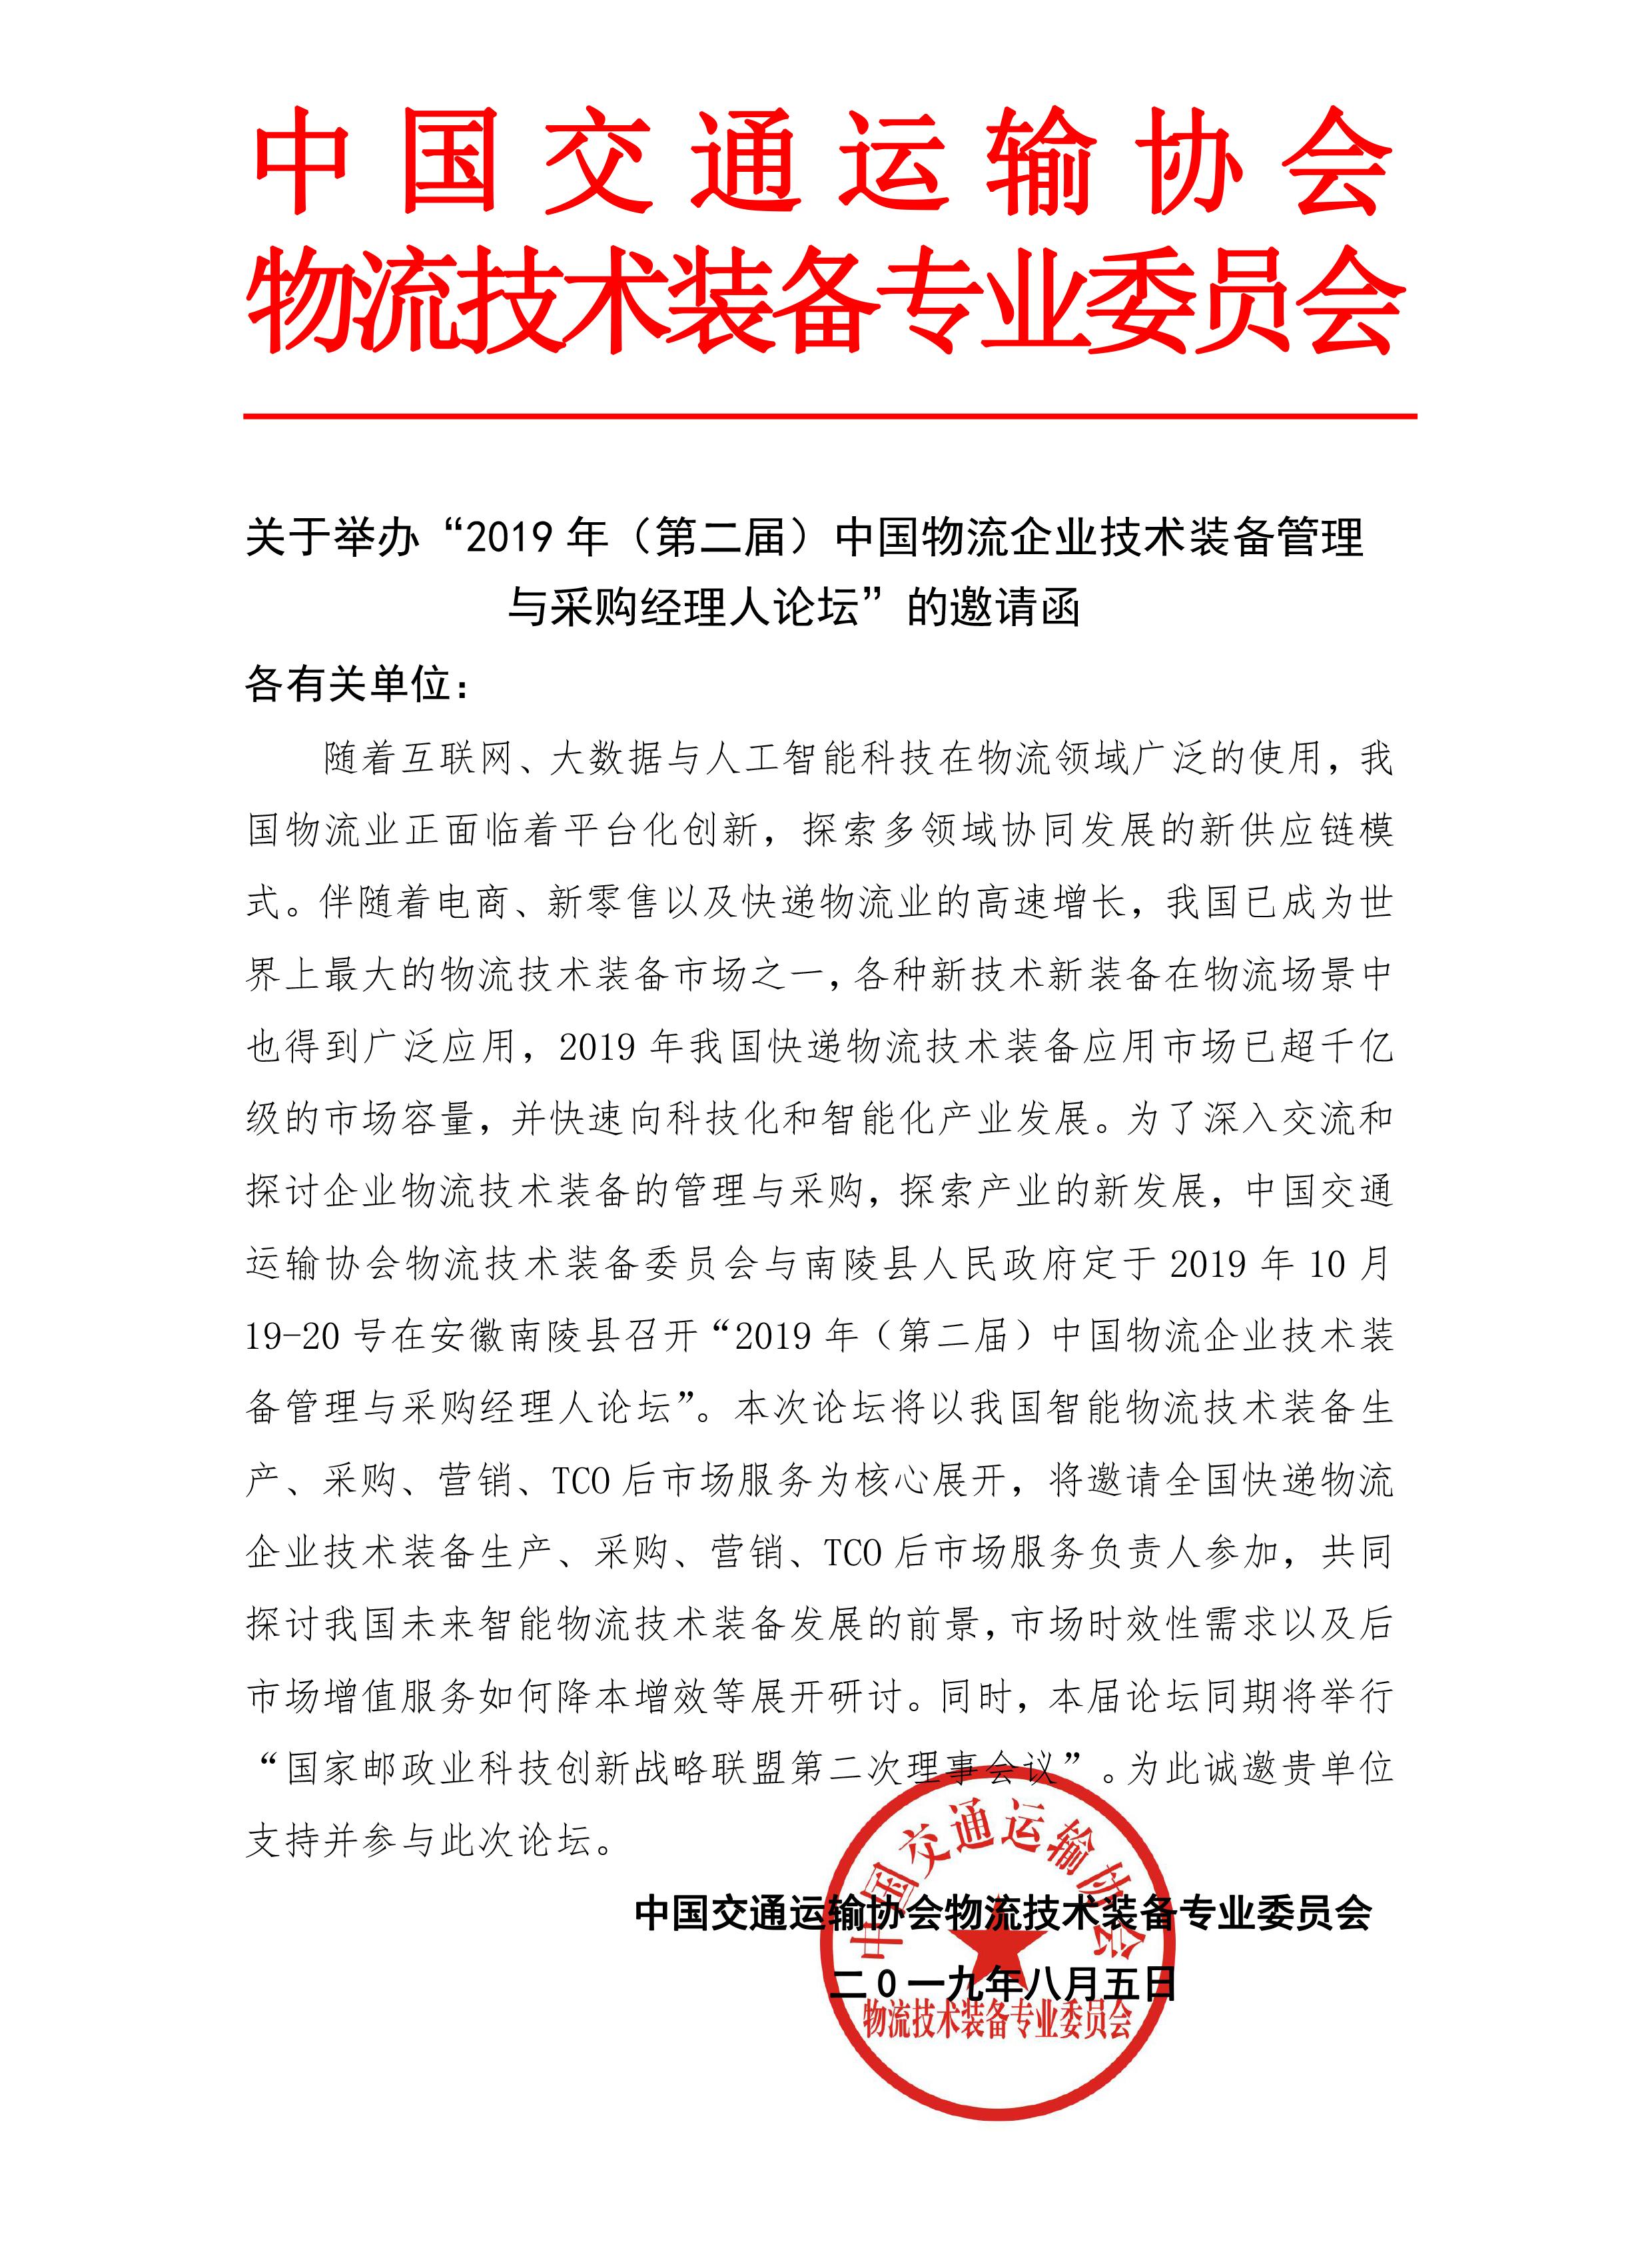 """关于举办""""2019年中国物流技术装备管理与采购经理人论坛""""的通知"""